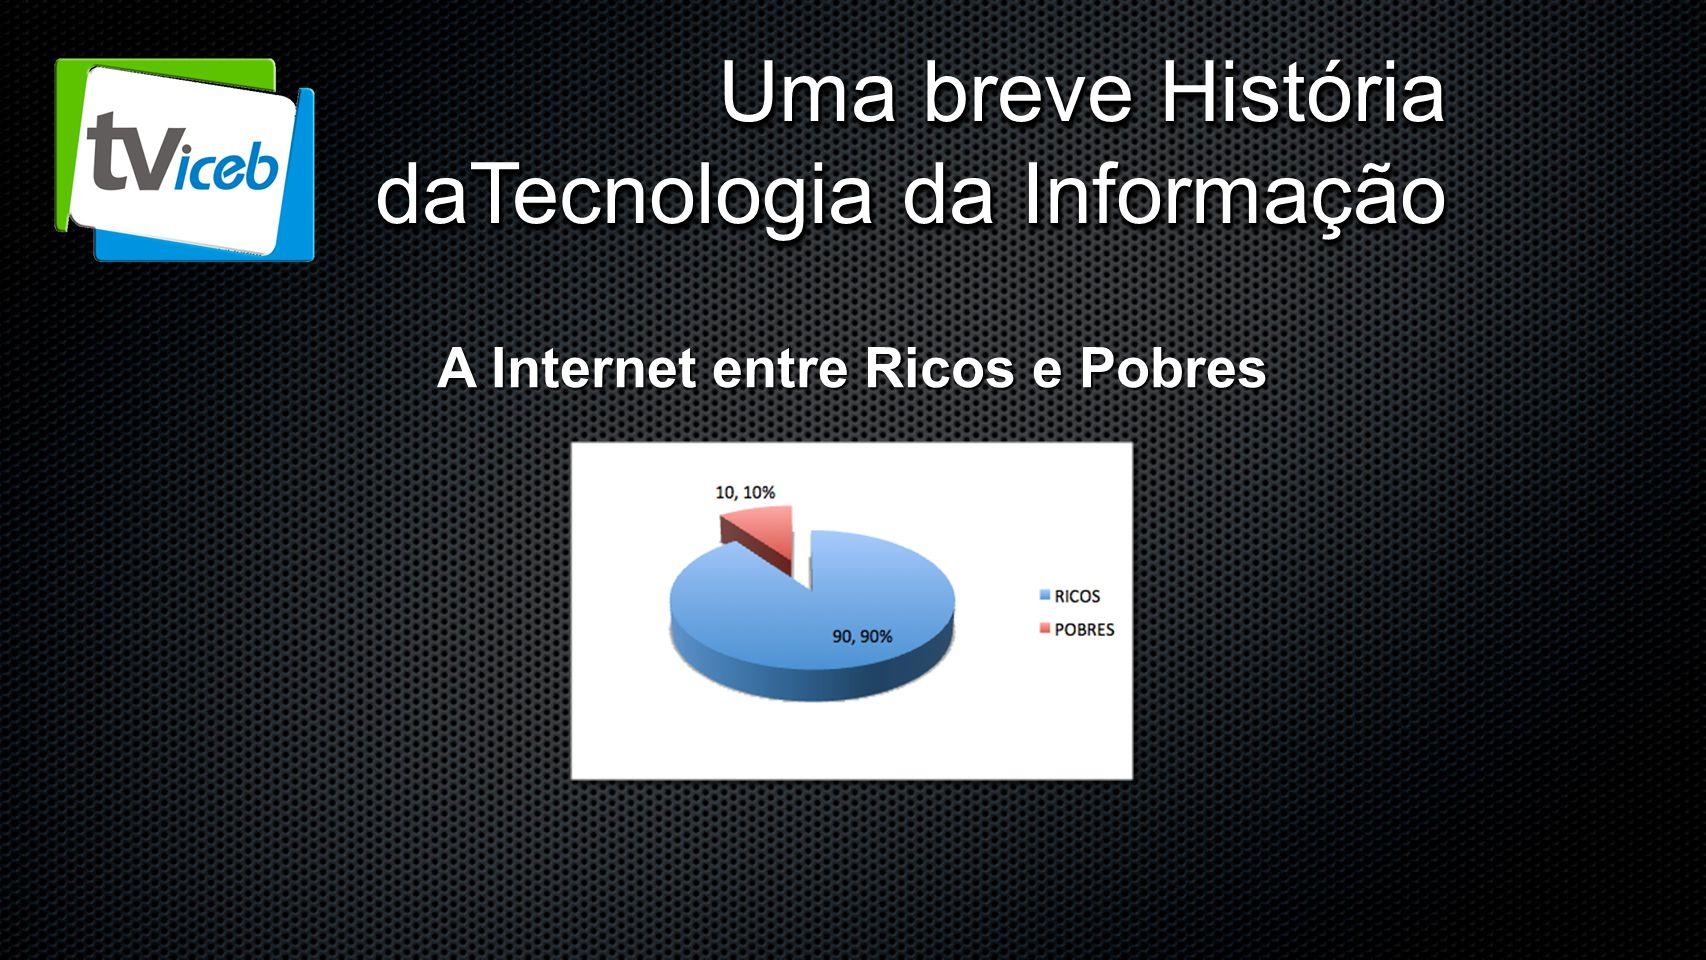 A Internet entre Ricos e Pobres